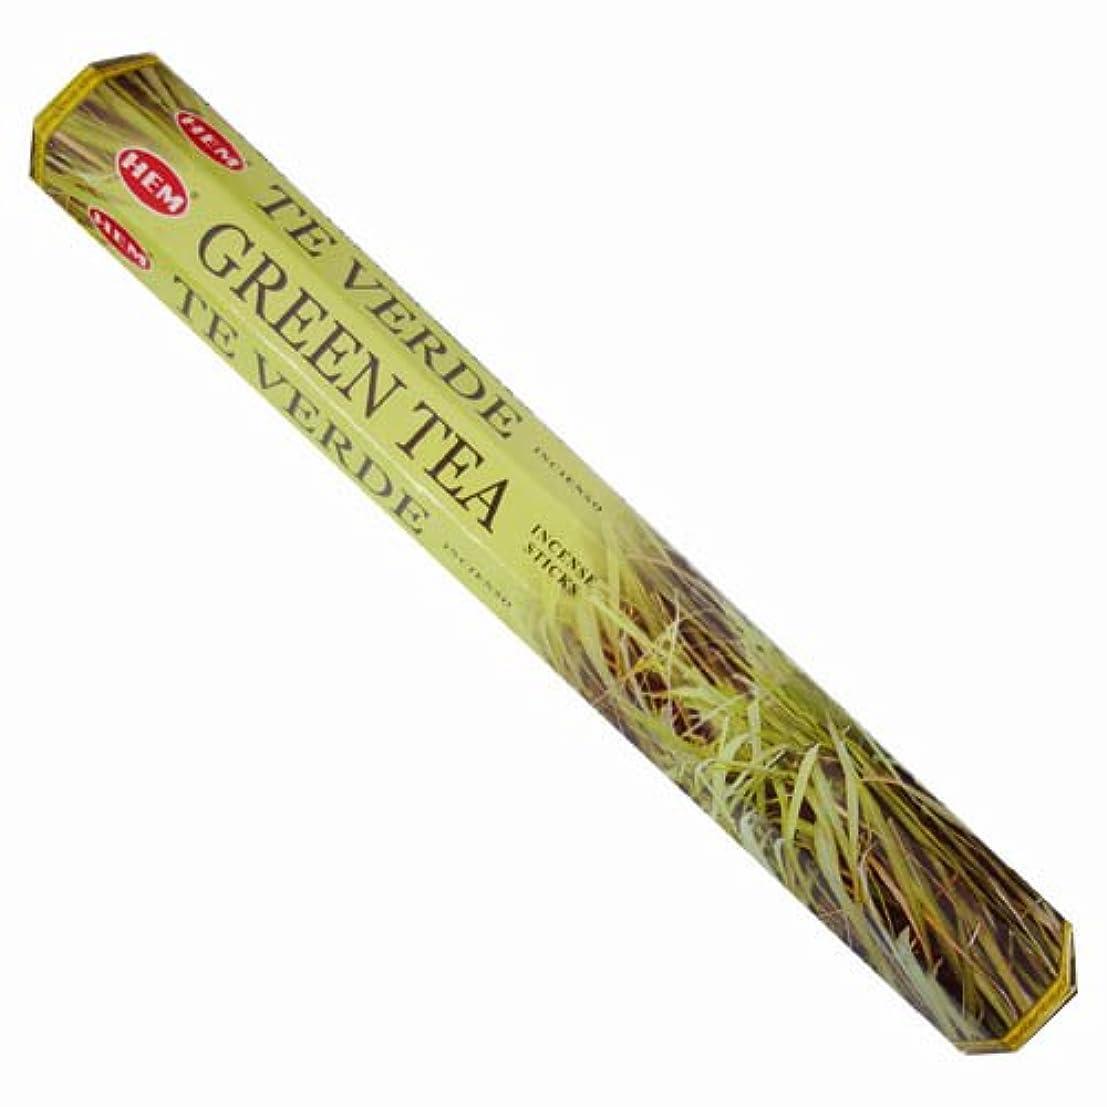 消費する悪のガチョウHEM(ヘム) スティックお香/六角香/ヘキサパック GREEN TEA(グリーンティー)